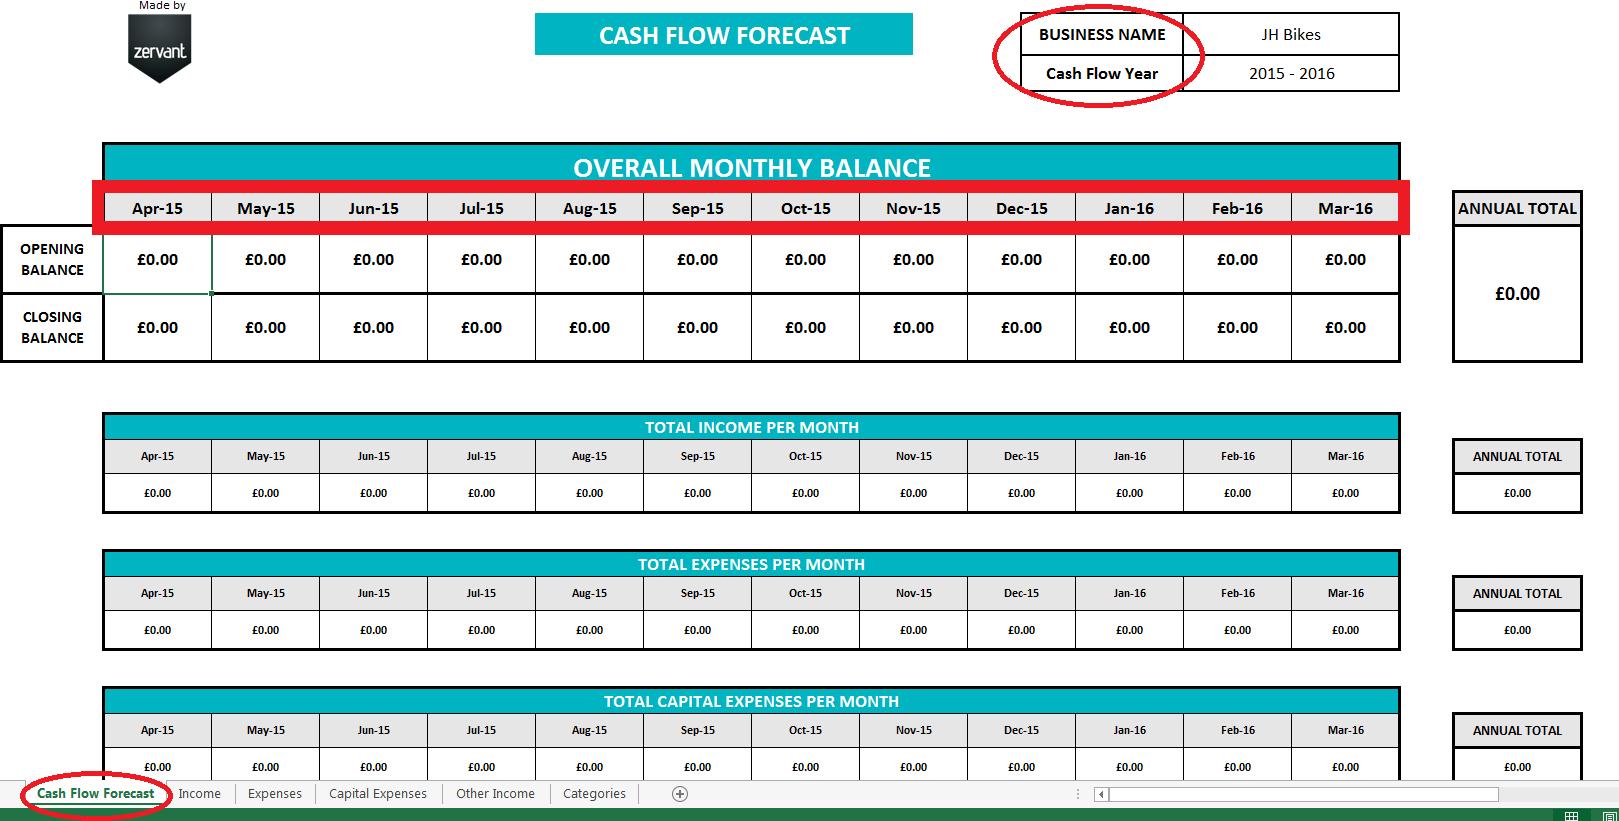 Cash Flow Forecast Spreadsheet For Cash Flow Forecasting Spreadsheet 5 – Elsik Blue Cetane